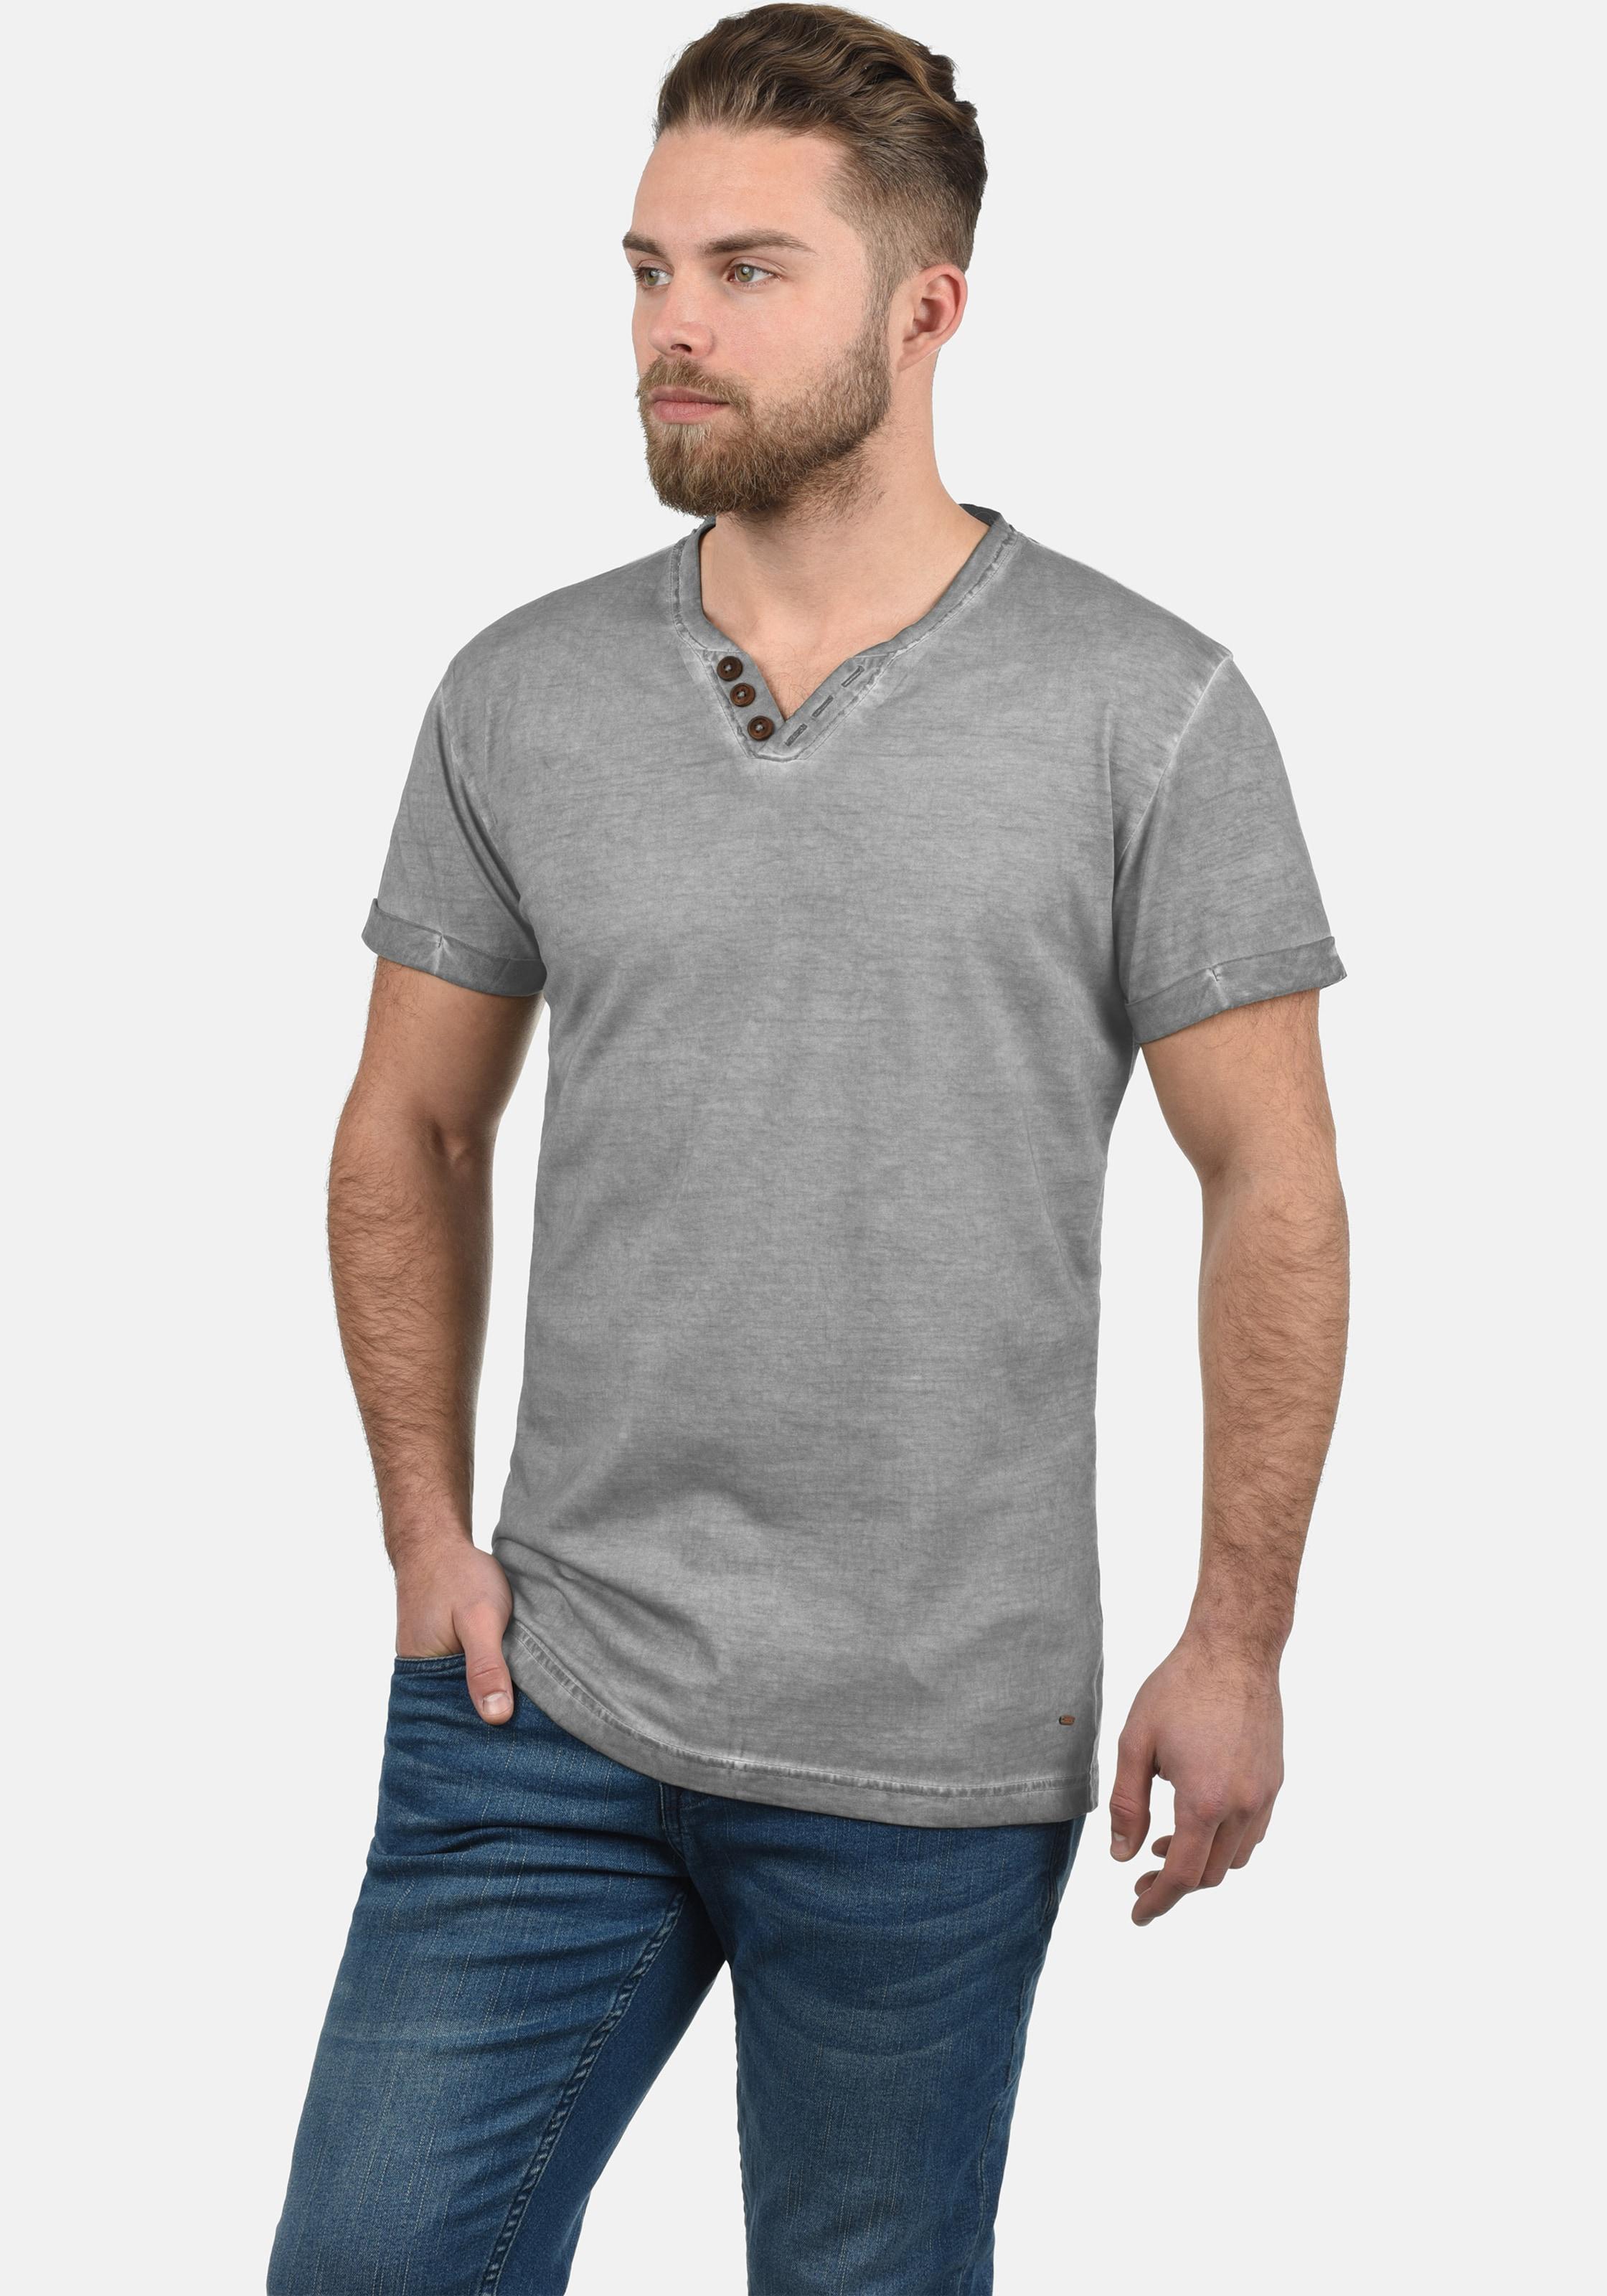 Tino In Shirt Shirt solid solid Shirt Tino In solid Grau Grau Tino CdBthrxQs